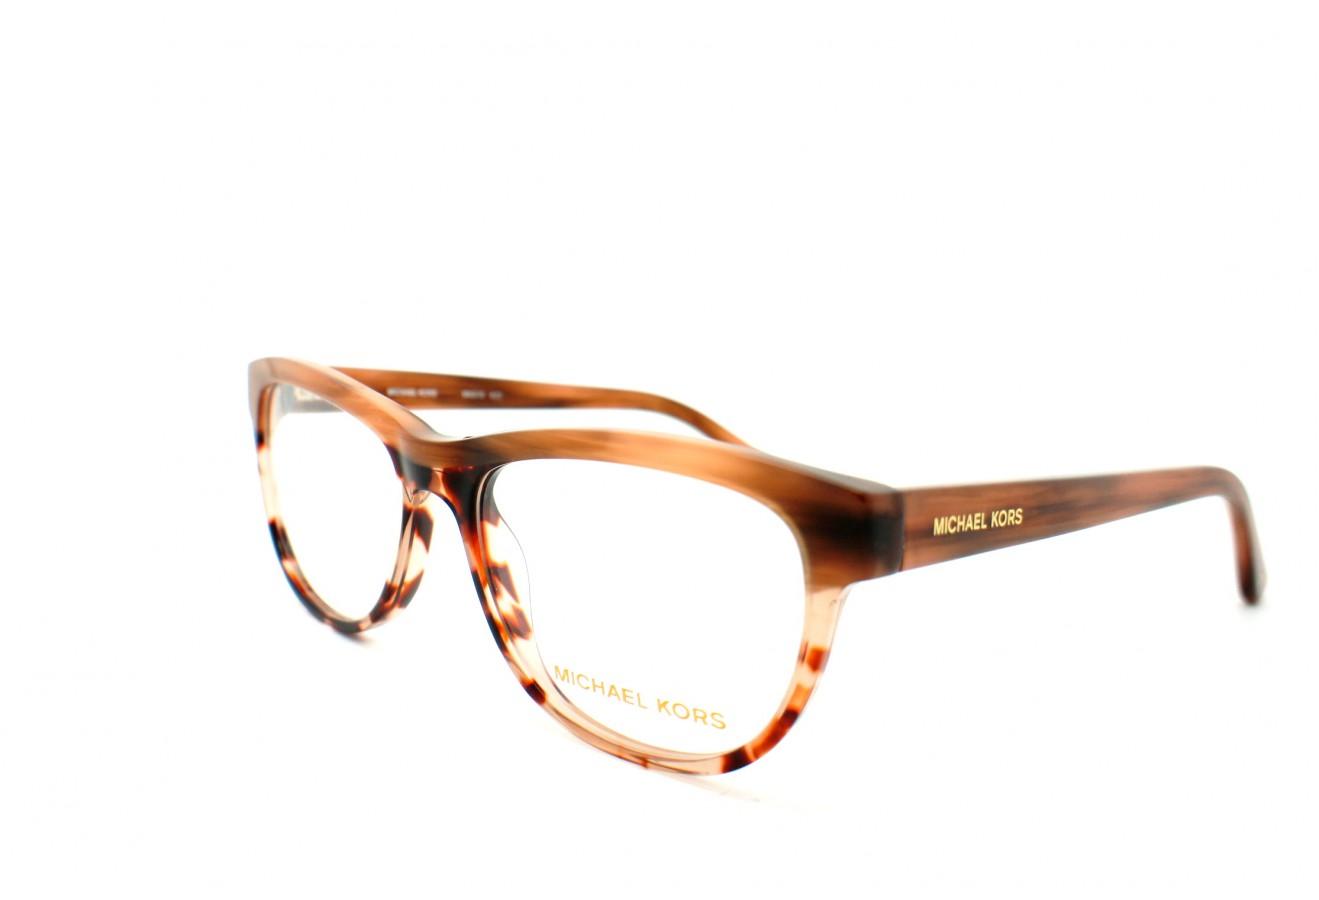 lunettes de vue michael kors mk 217 005 52 16. Black Bedroom Furniture Sets. Home Design Ideas